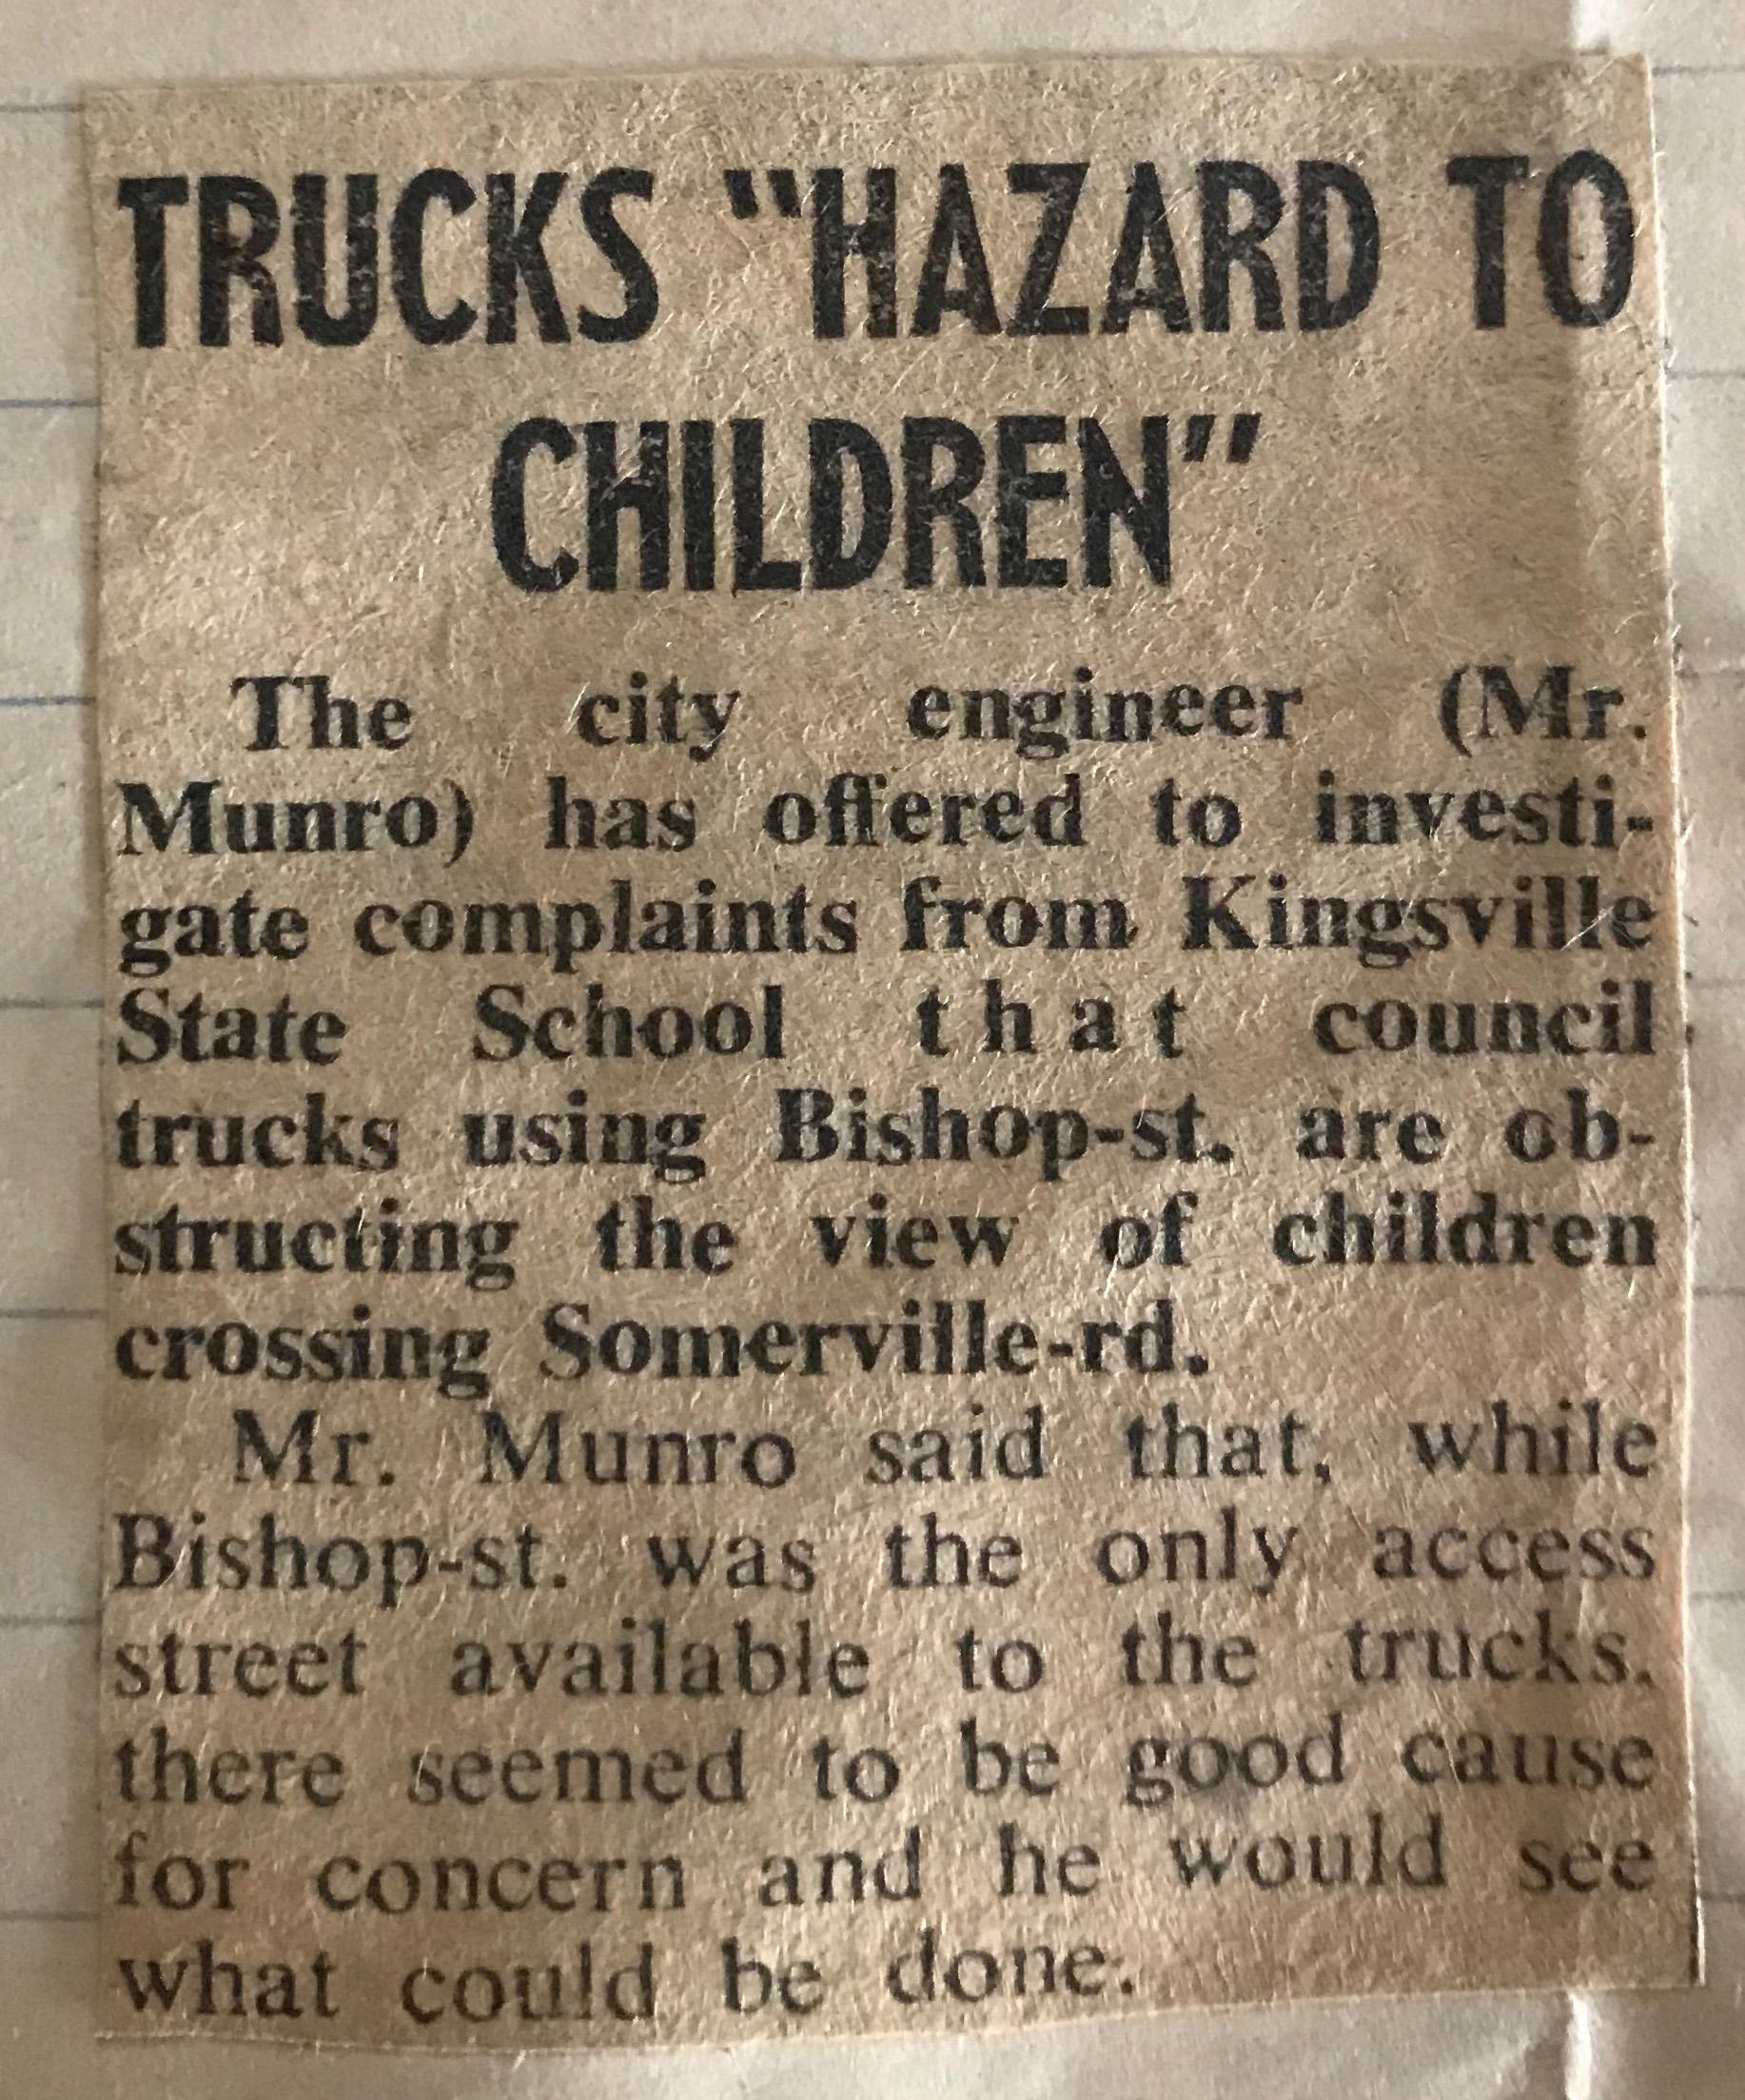 Trucks1958.jpg